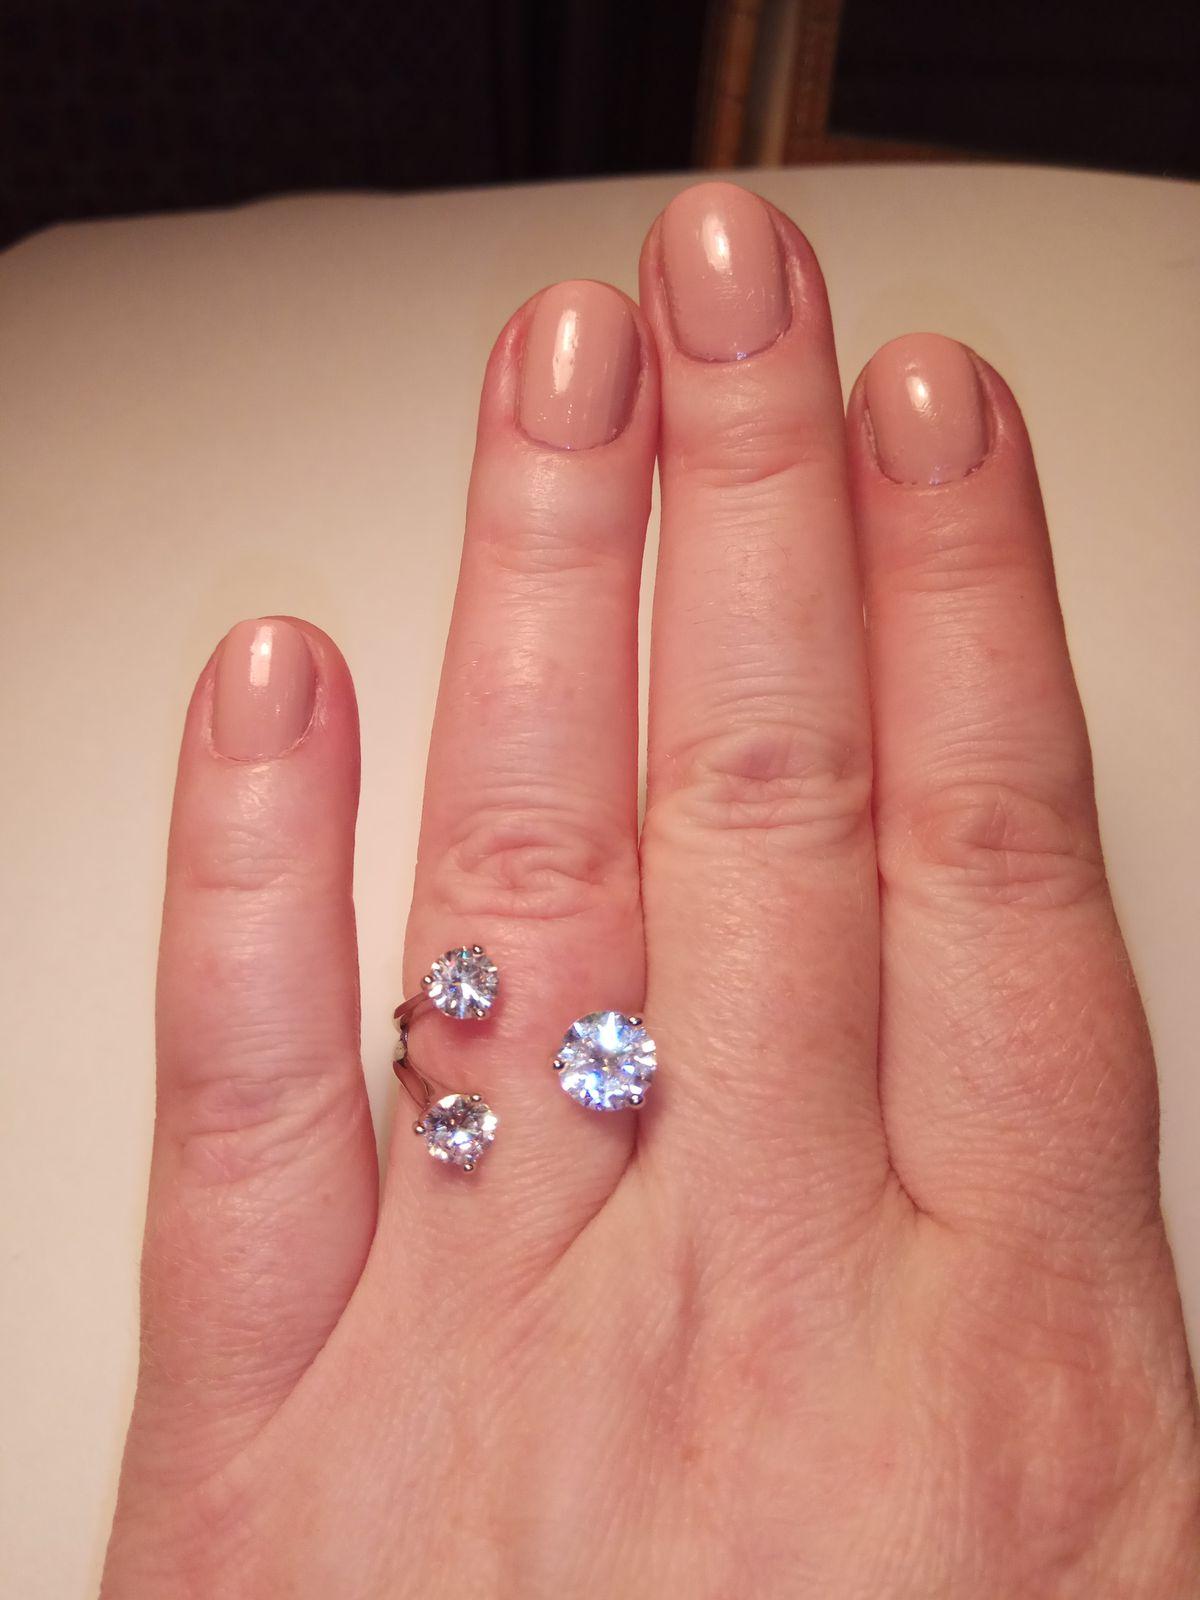 Перстень с тремя, довольно крупными камнями. Купила для праздника.